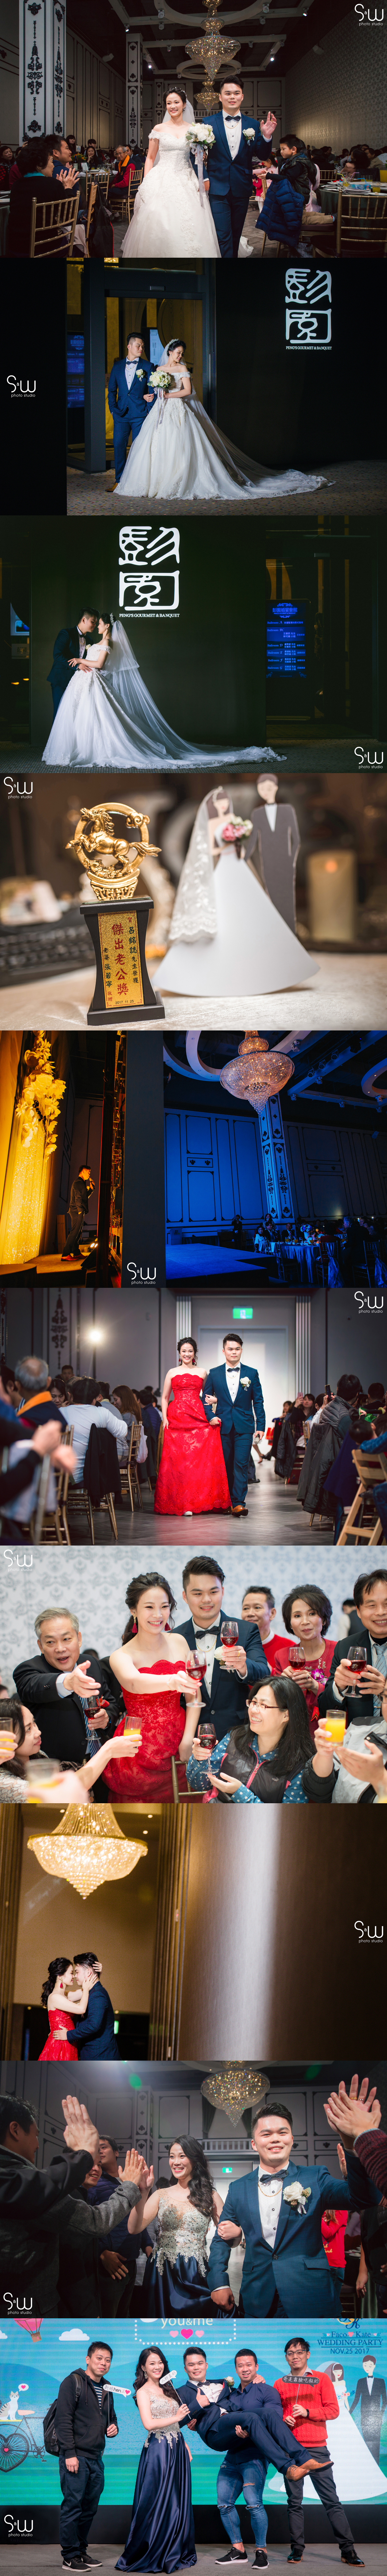 WEDDING | Peng Park Hall (八德彭園婚宴會館婚禮) | sw photo studio 婚禮, 婚攝, 婚紗, 海外婚禮, 海外婚紗, 海島婚禮,峇里島婚禮, 峇里島婚紗, 台灣婚禮, 婚攝推薦